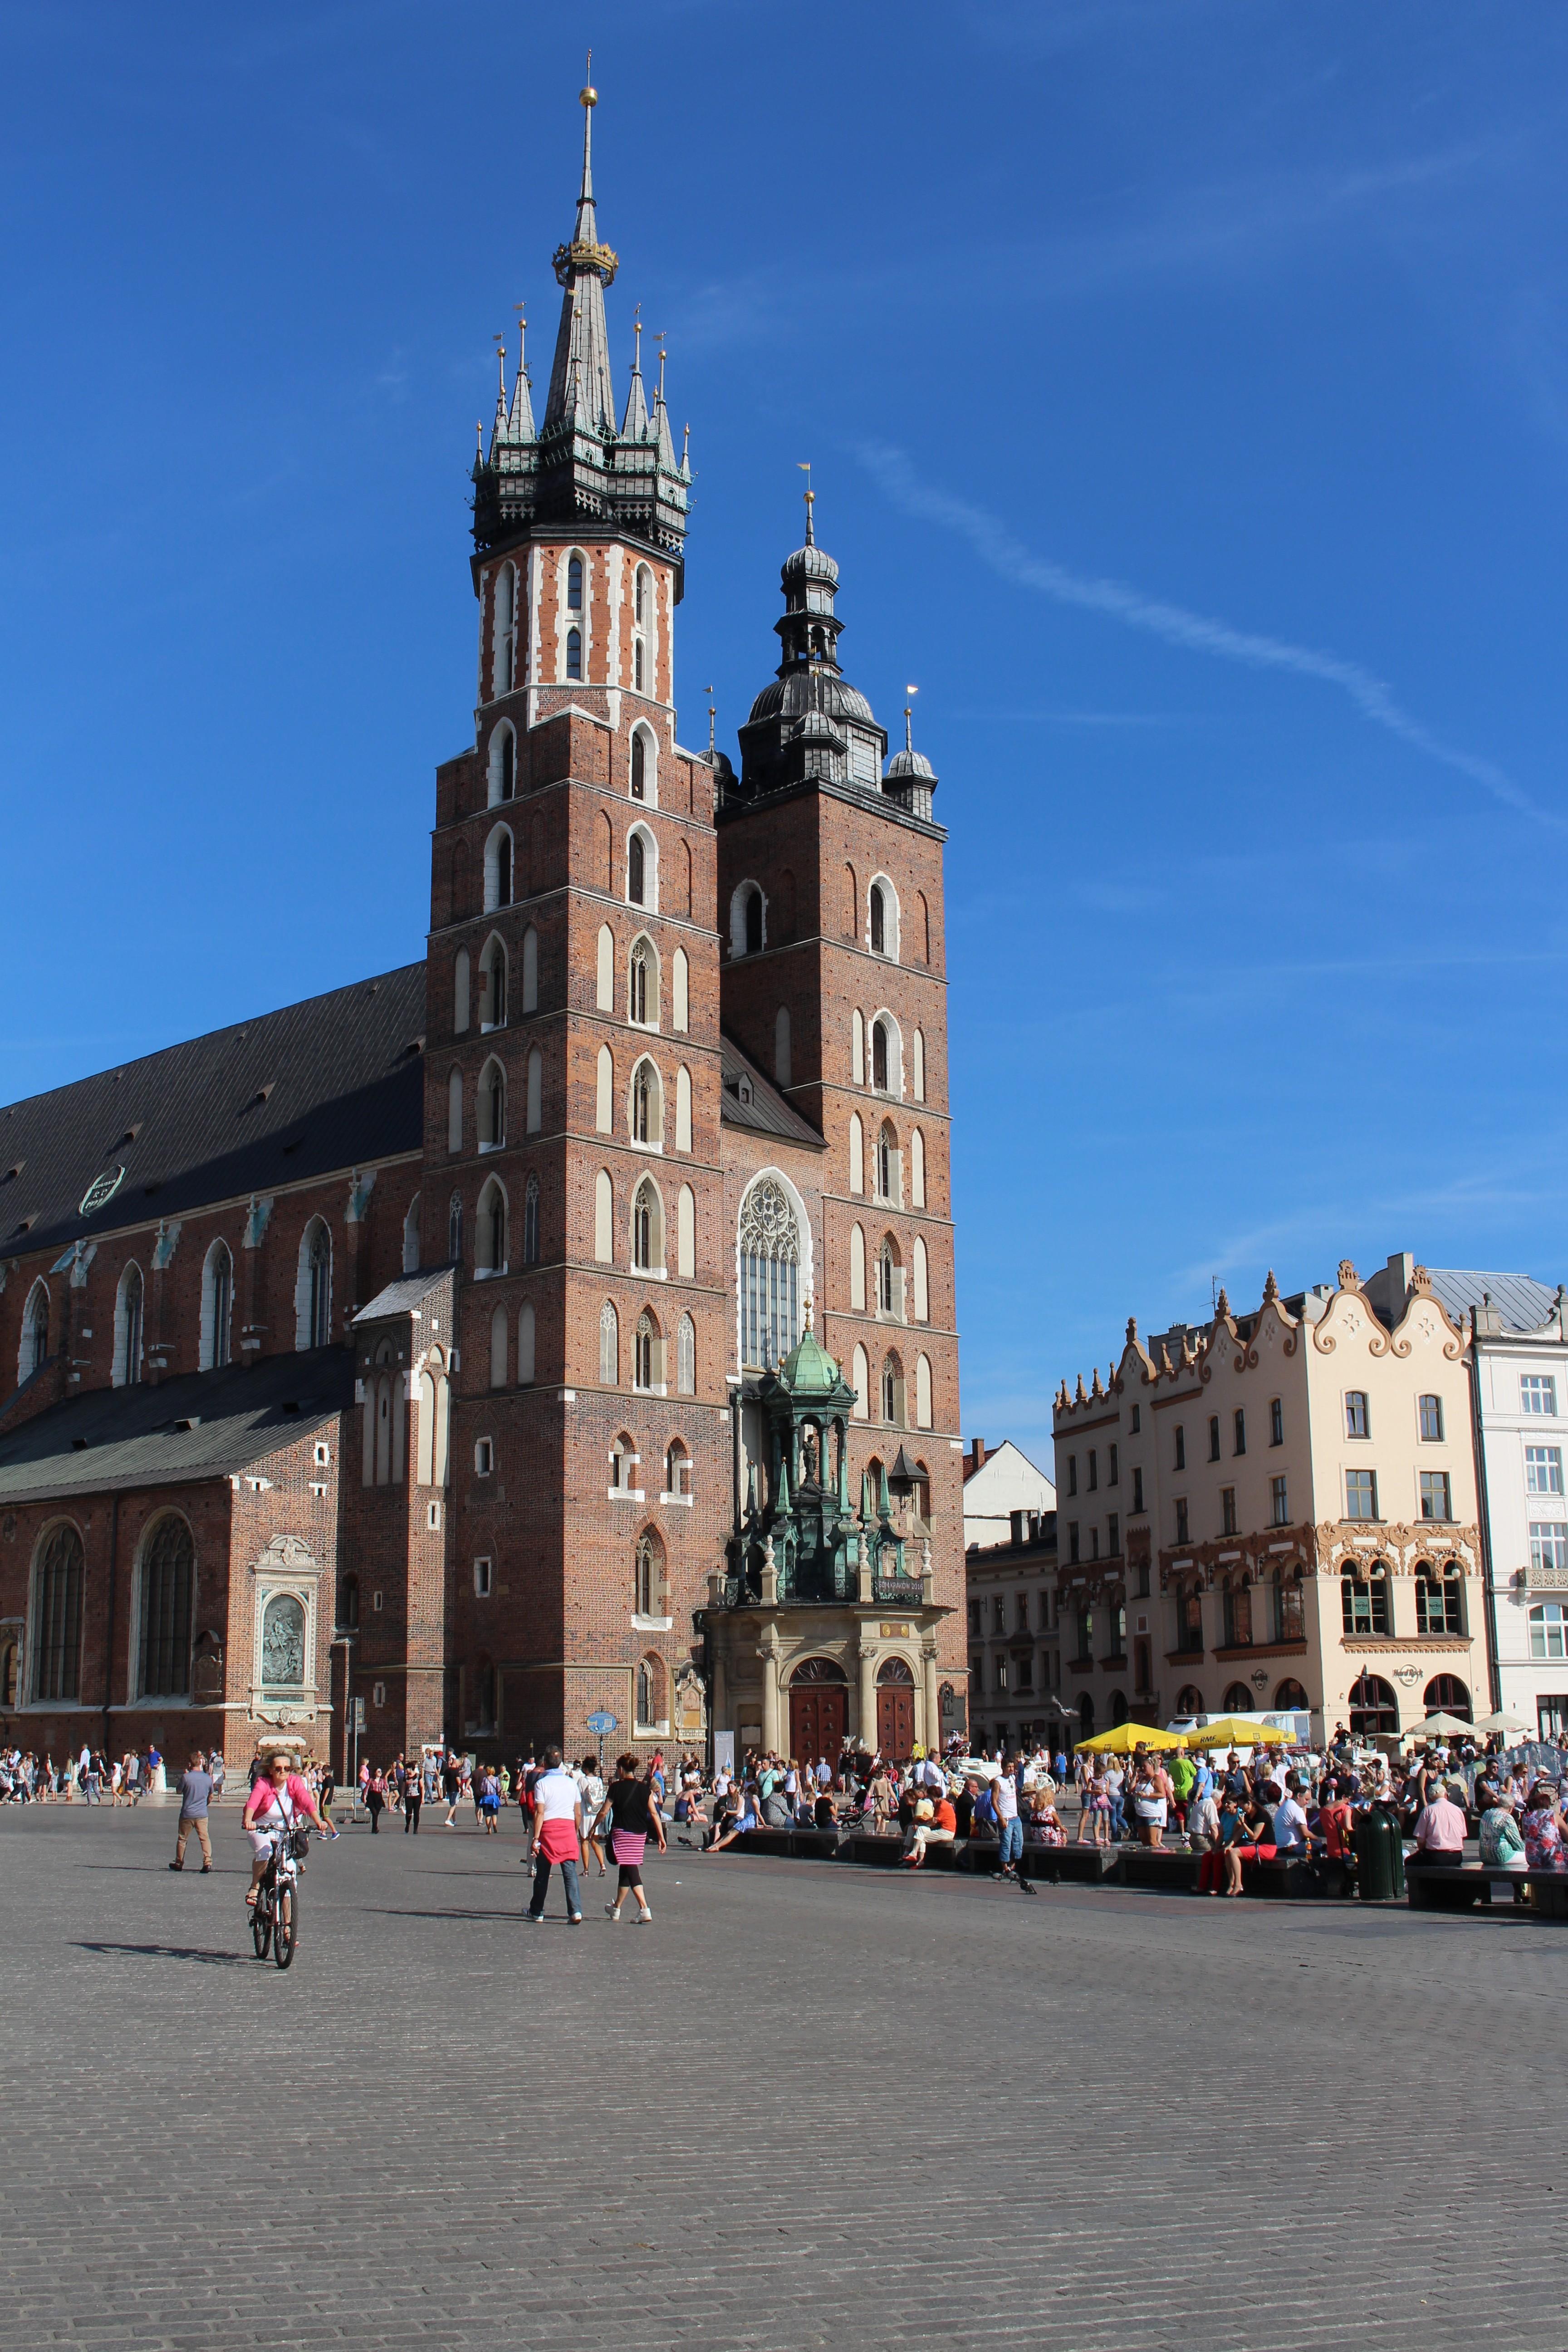 St. Mary's Basilica in Kraków, Poland